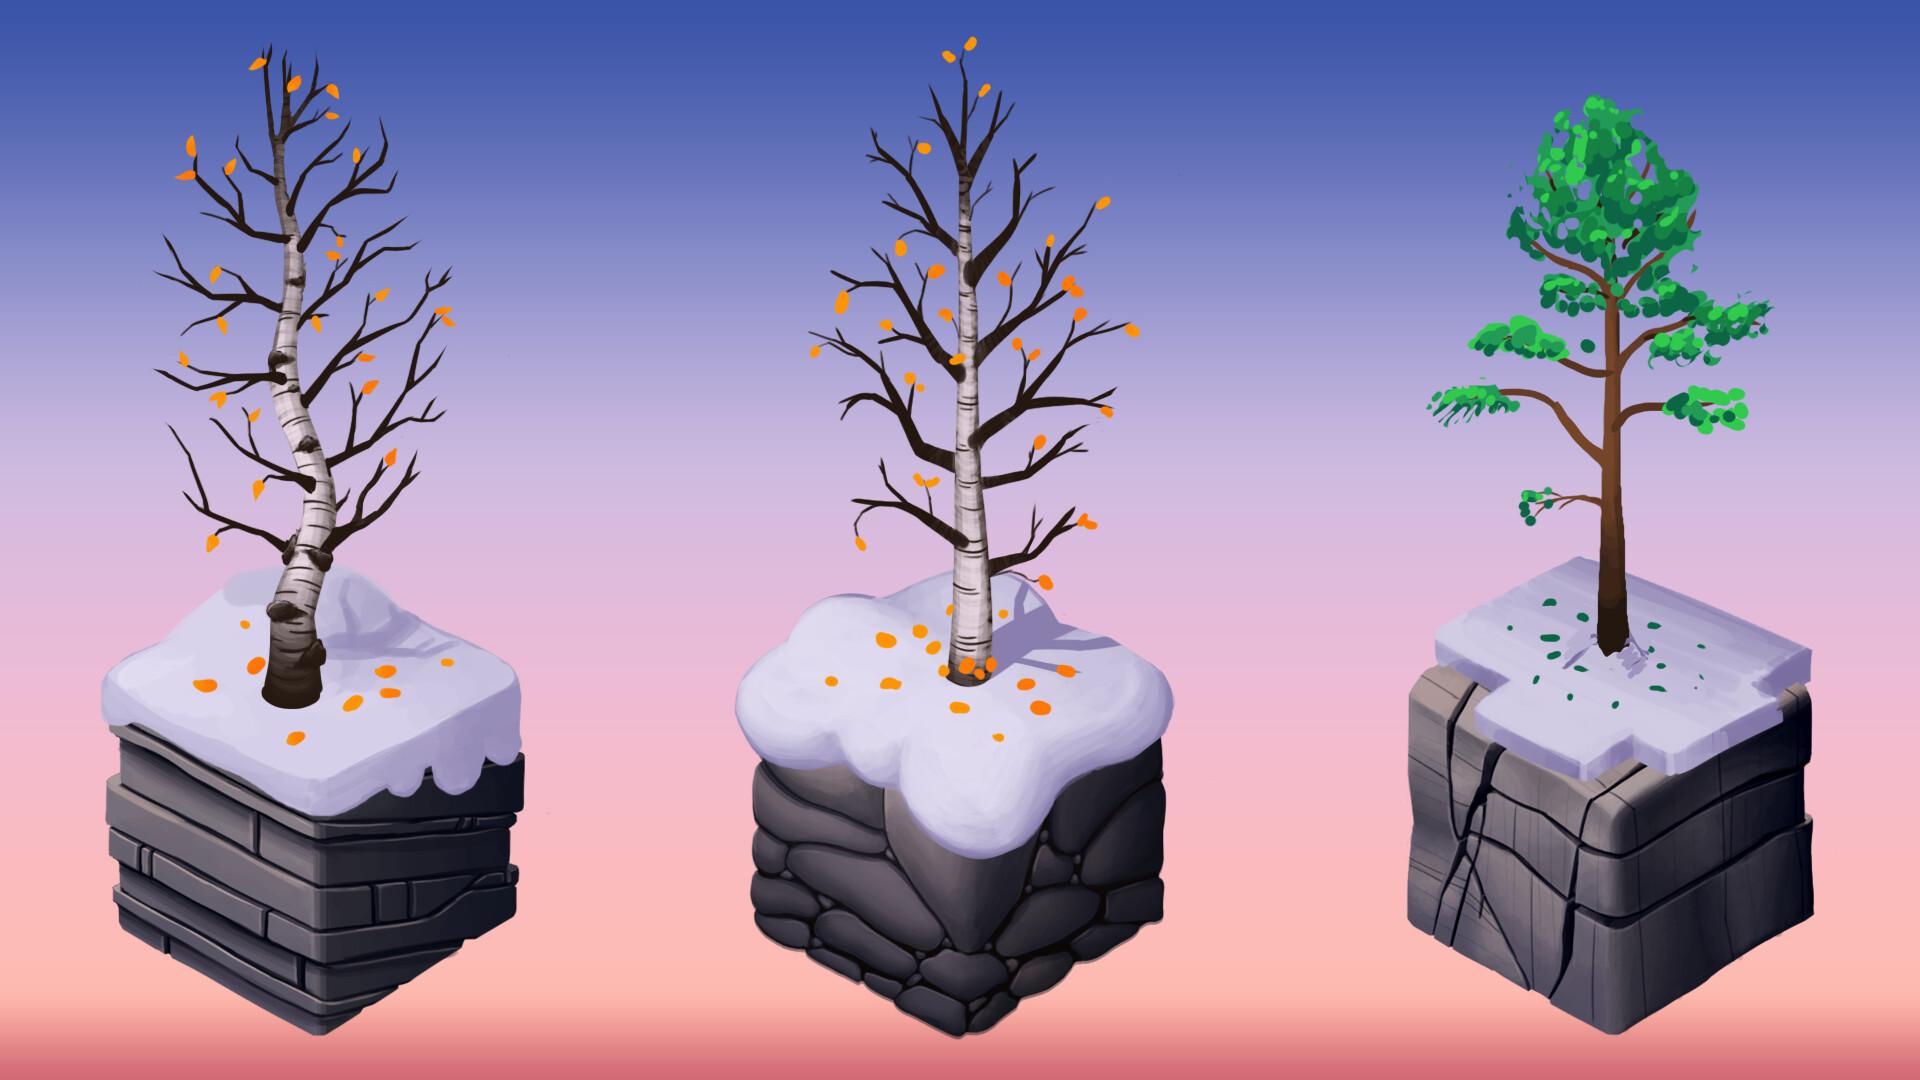 Helen o dell arctic trees